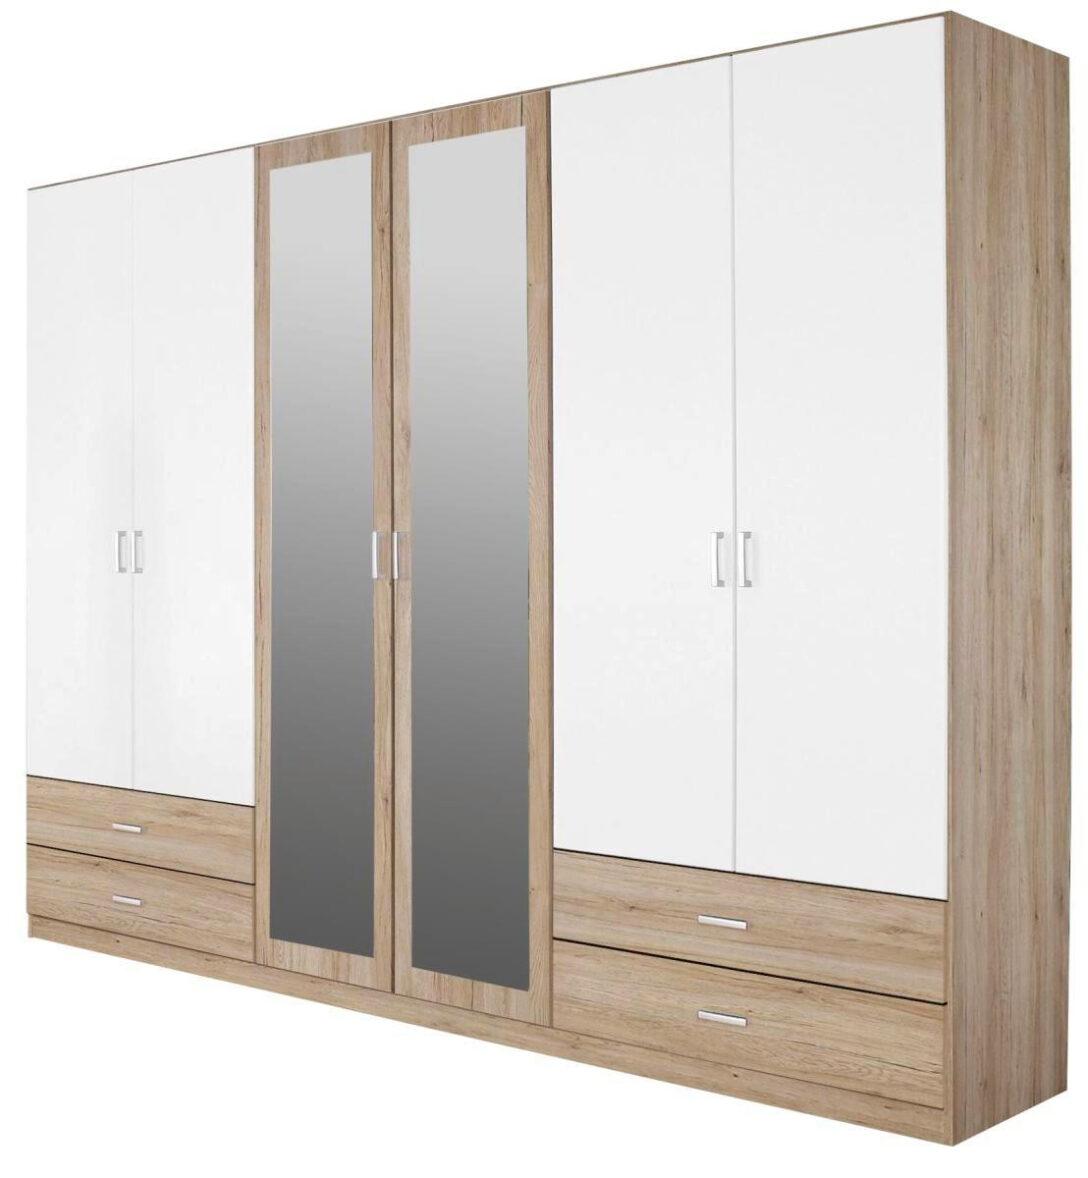 Large Size of Bett 140x200 Poco Betten Schlafzimmer Komplett Küche Big Sofa Wohnzimmer Küchenrückwand Poco